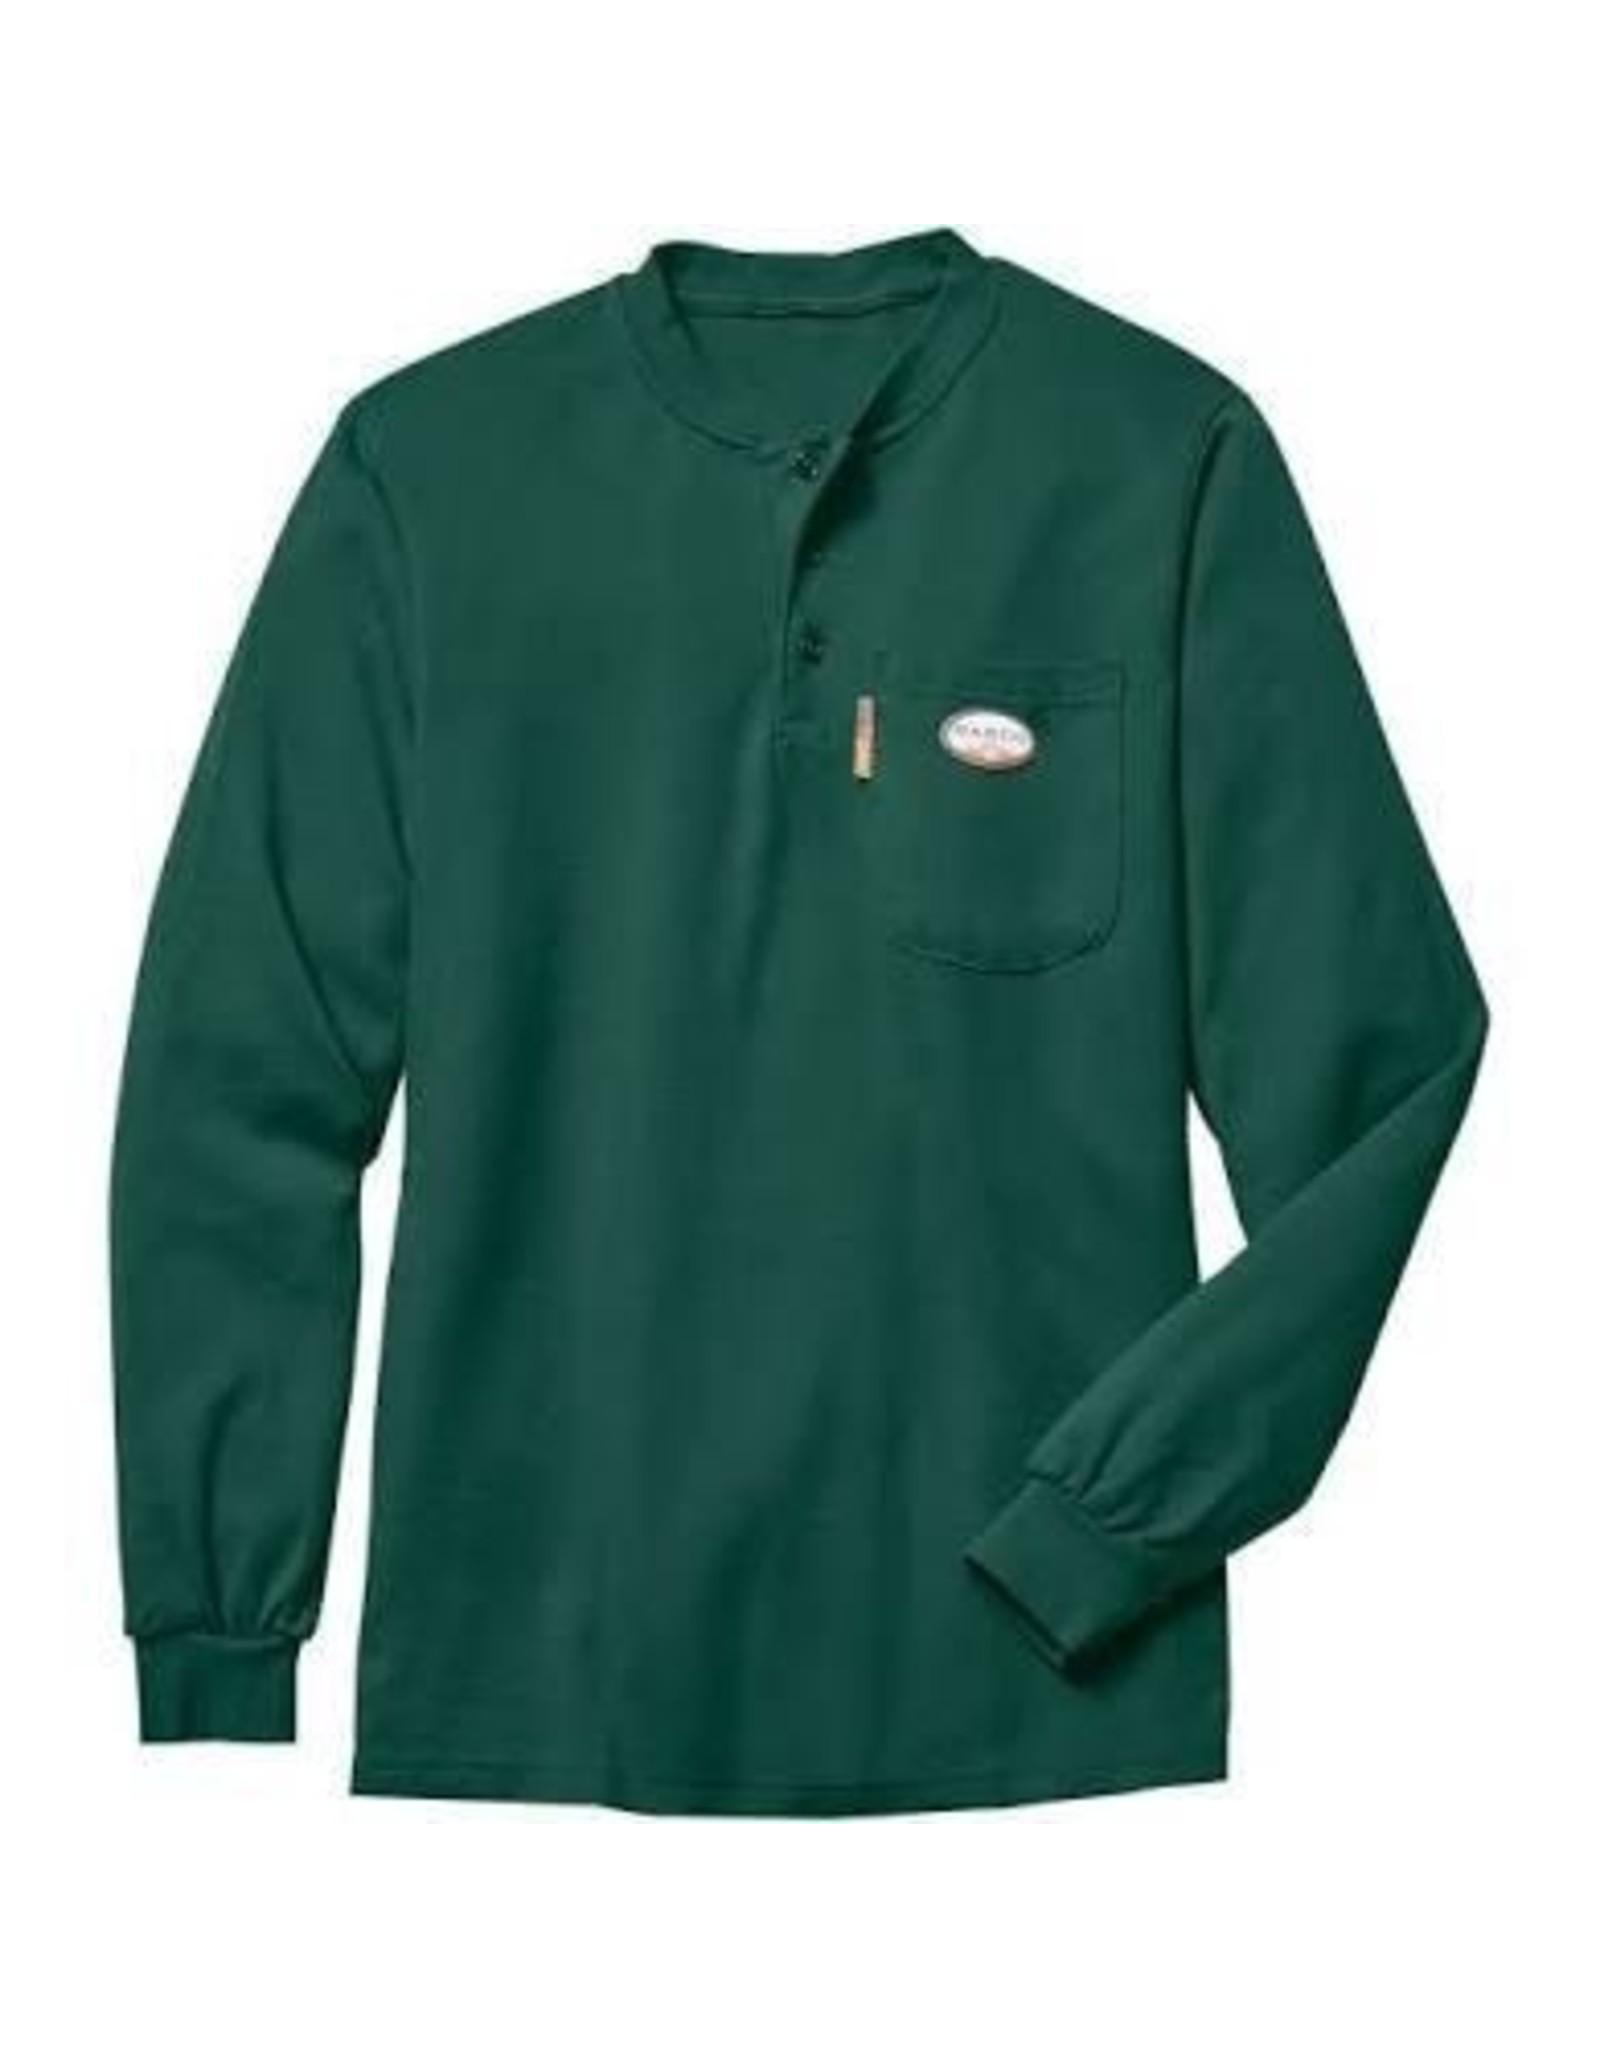 Tops-Men RASCO FR0101GN Henley T-Shirt